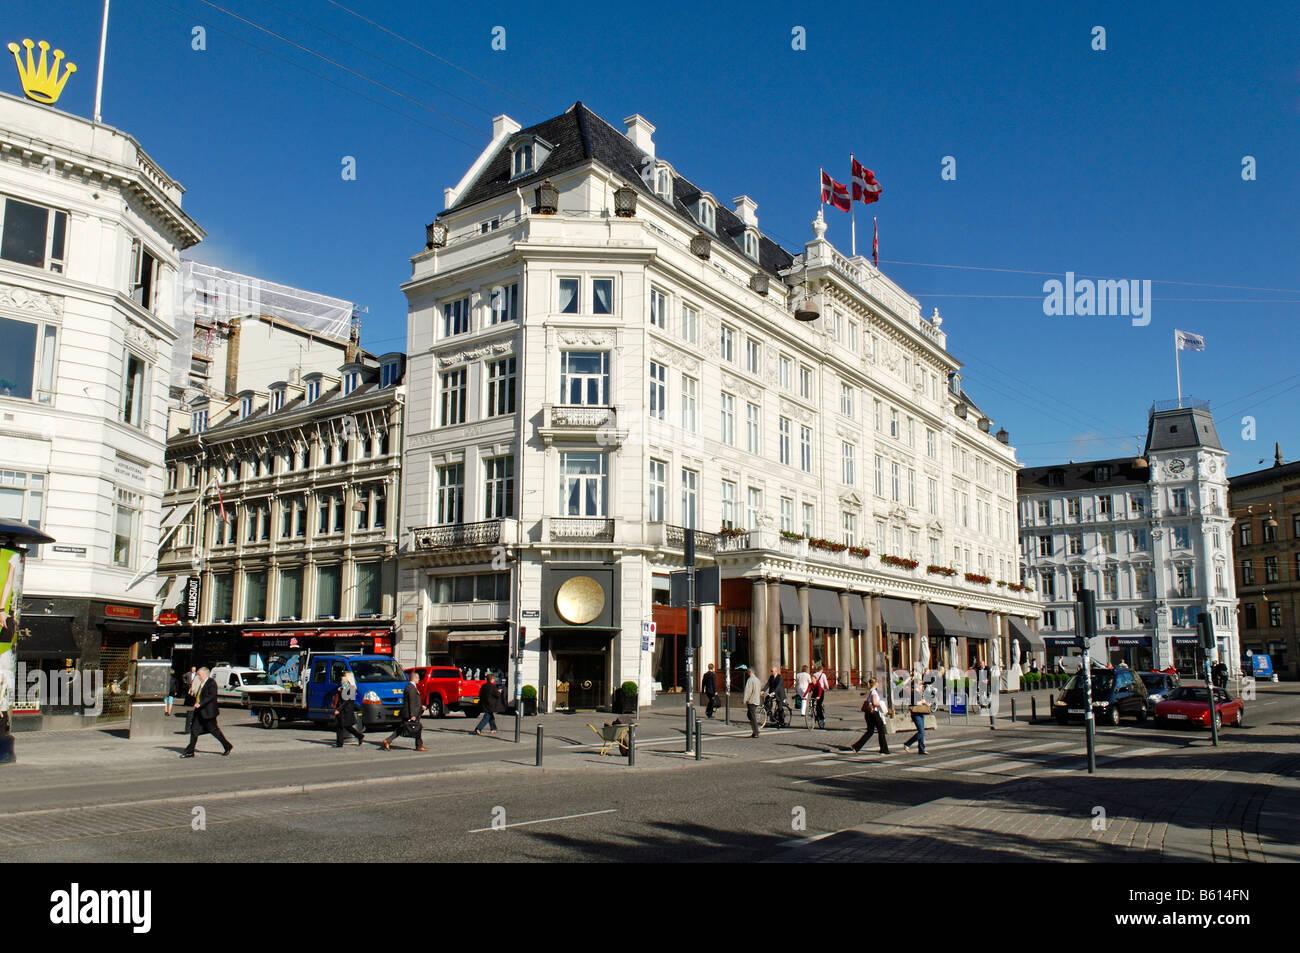 Hotel d'Angleterre, historic luxury hotel, Kongens Nytorv or King's New Square, Copenhagen, Denmark, Scandinavia, - Stock Image